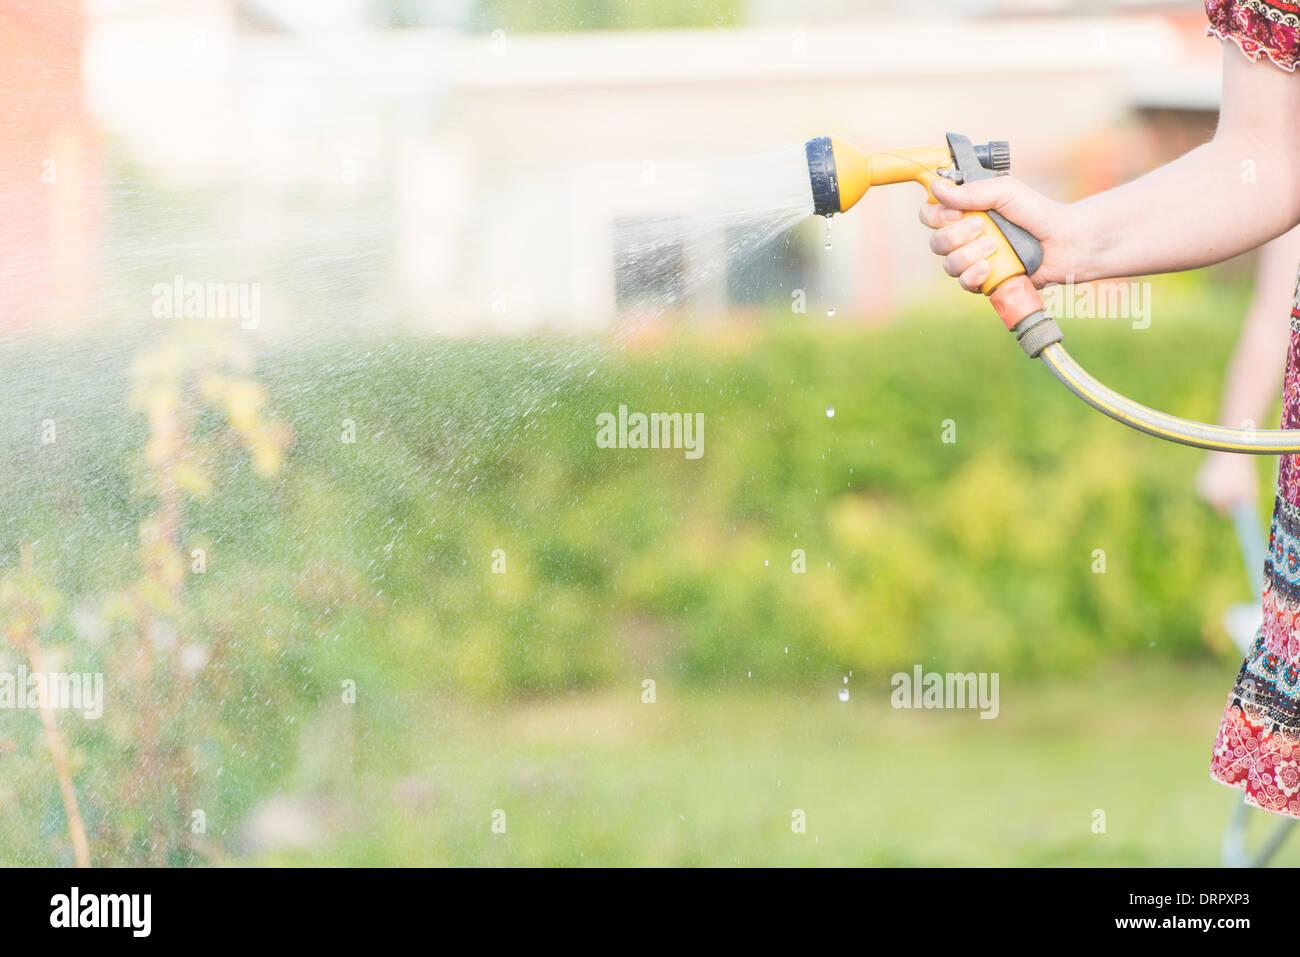 Stile di vita estate scena. Donna di irrigazione di piante da giardino con sprinkler. Immagini Stock